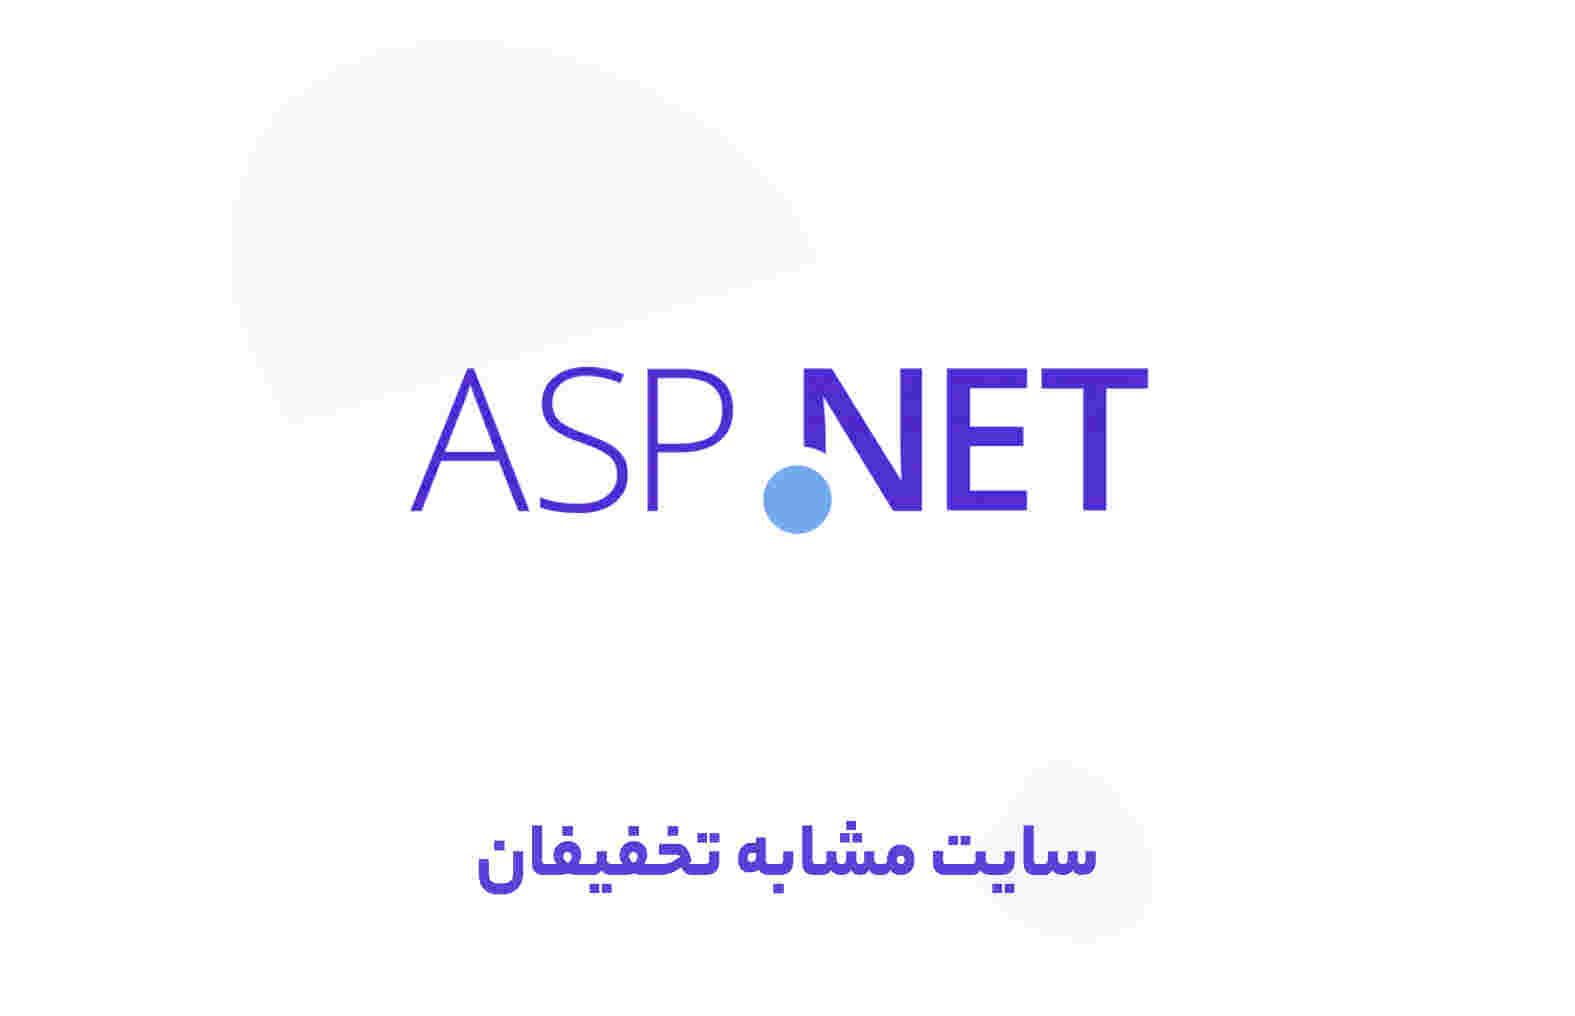 آموزش طراحی سایت با ASP.net مشابه سایت تخفیفان